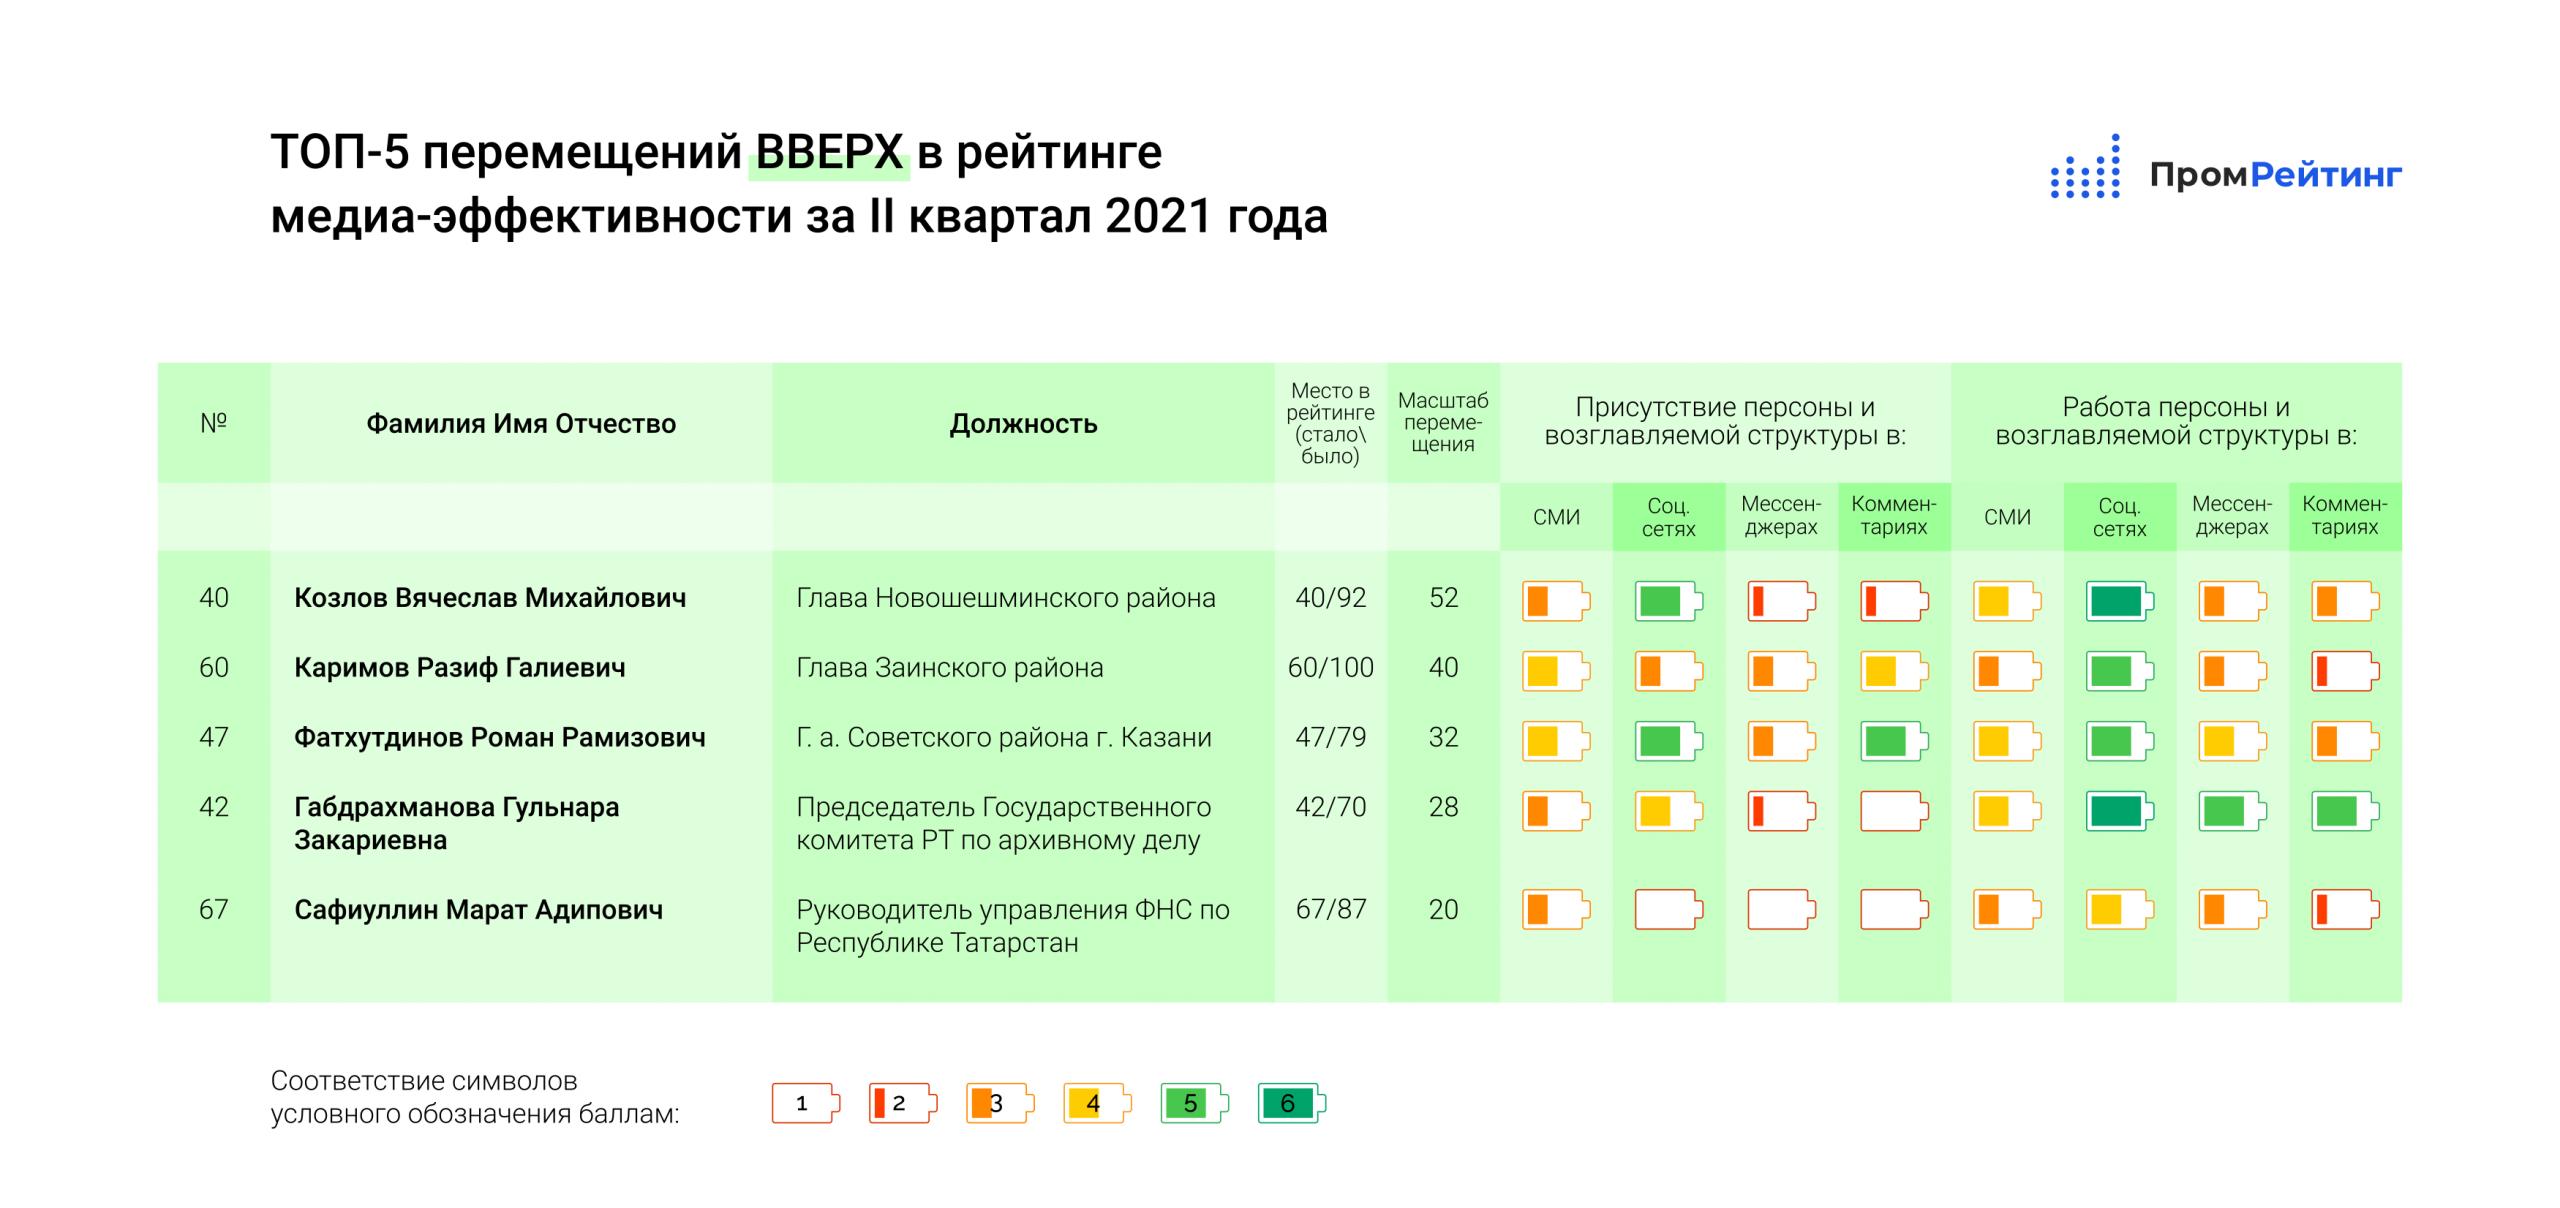 ТОП-5 перемещений ВВЕРХ в рейтинге руководителей РТ